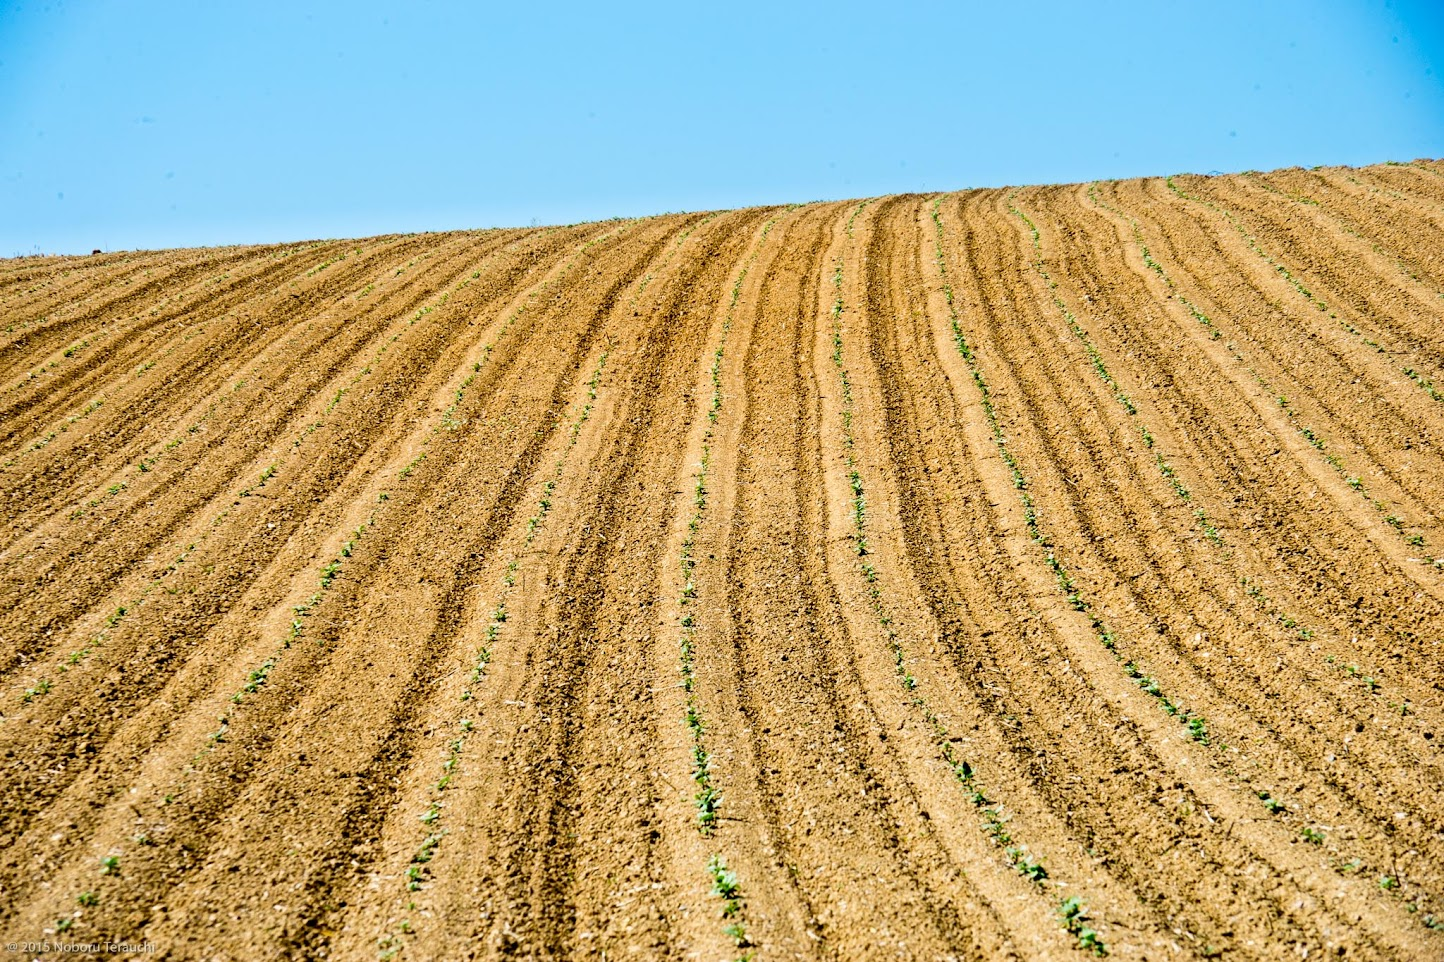 天空に伸びゆく広大なひまわり畑